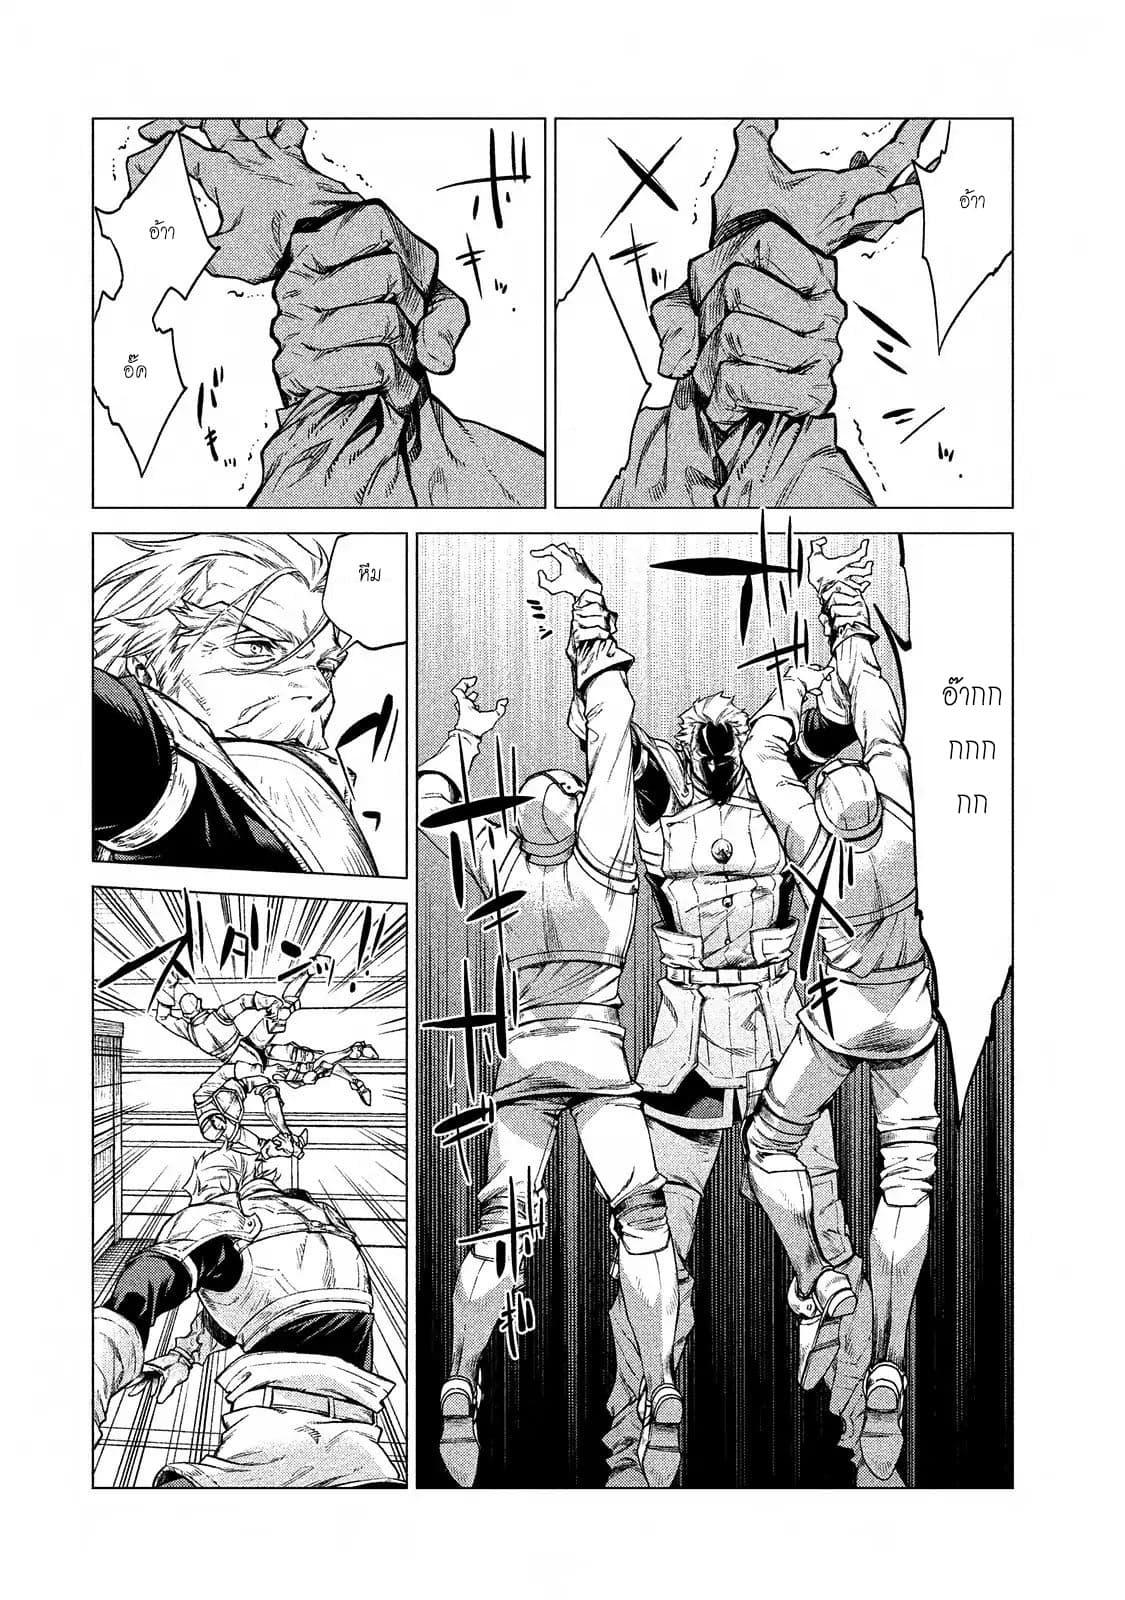 อ่านการ์ตูน Henkyou no Roukishi - Bard Loen ตอนที่ 7 หน้าที่ 16